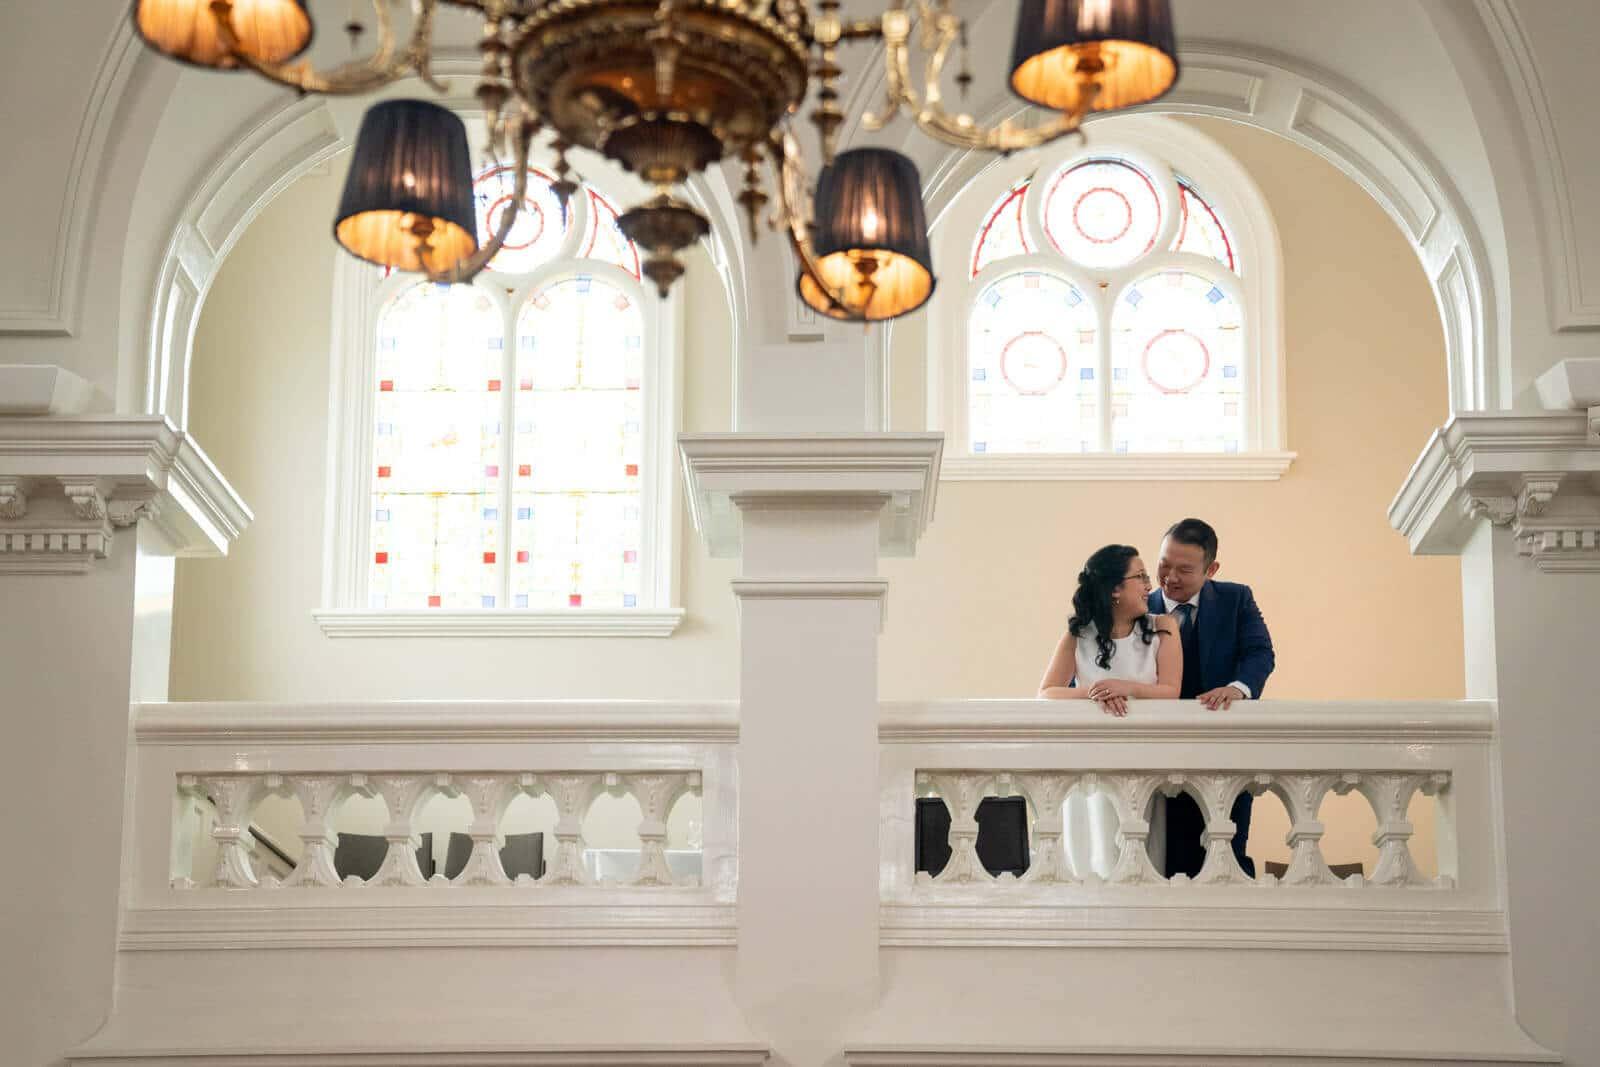 Quat Quatta | Couples Wedding Photos